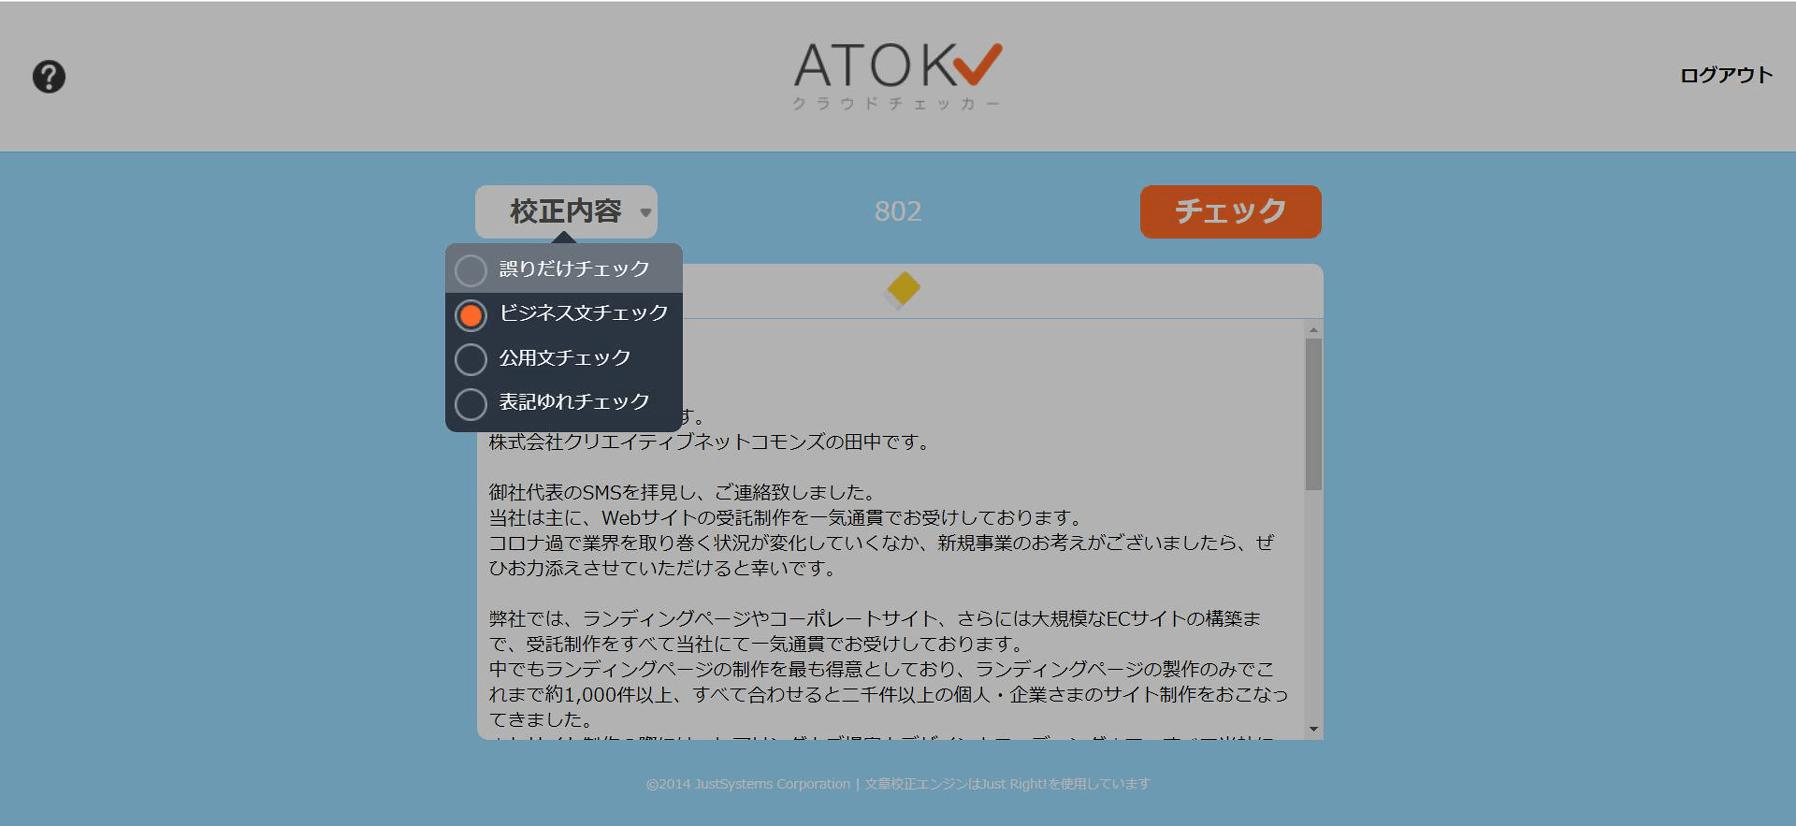 ATOKクラウドチェッカー使用画像1